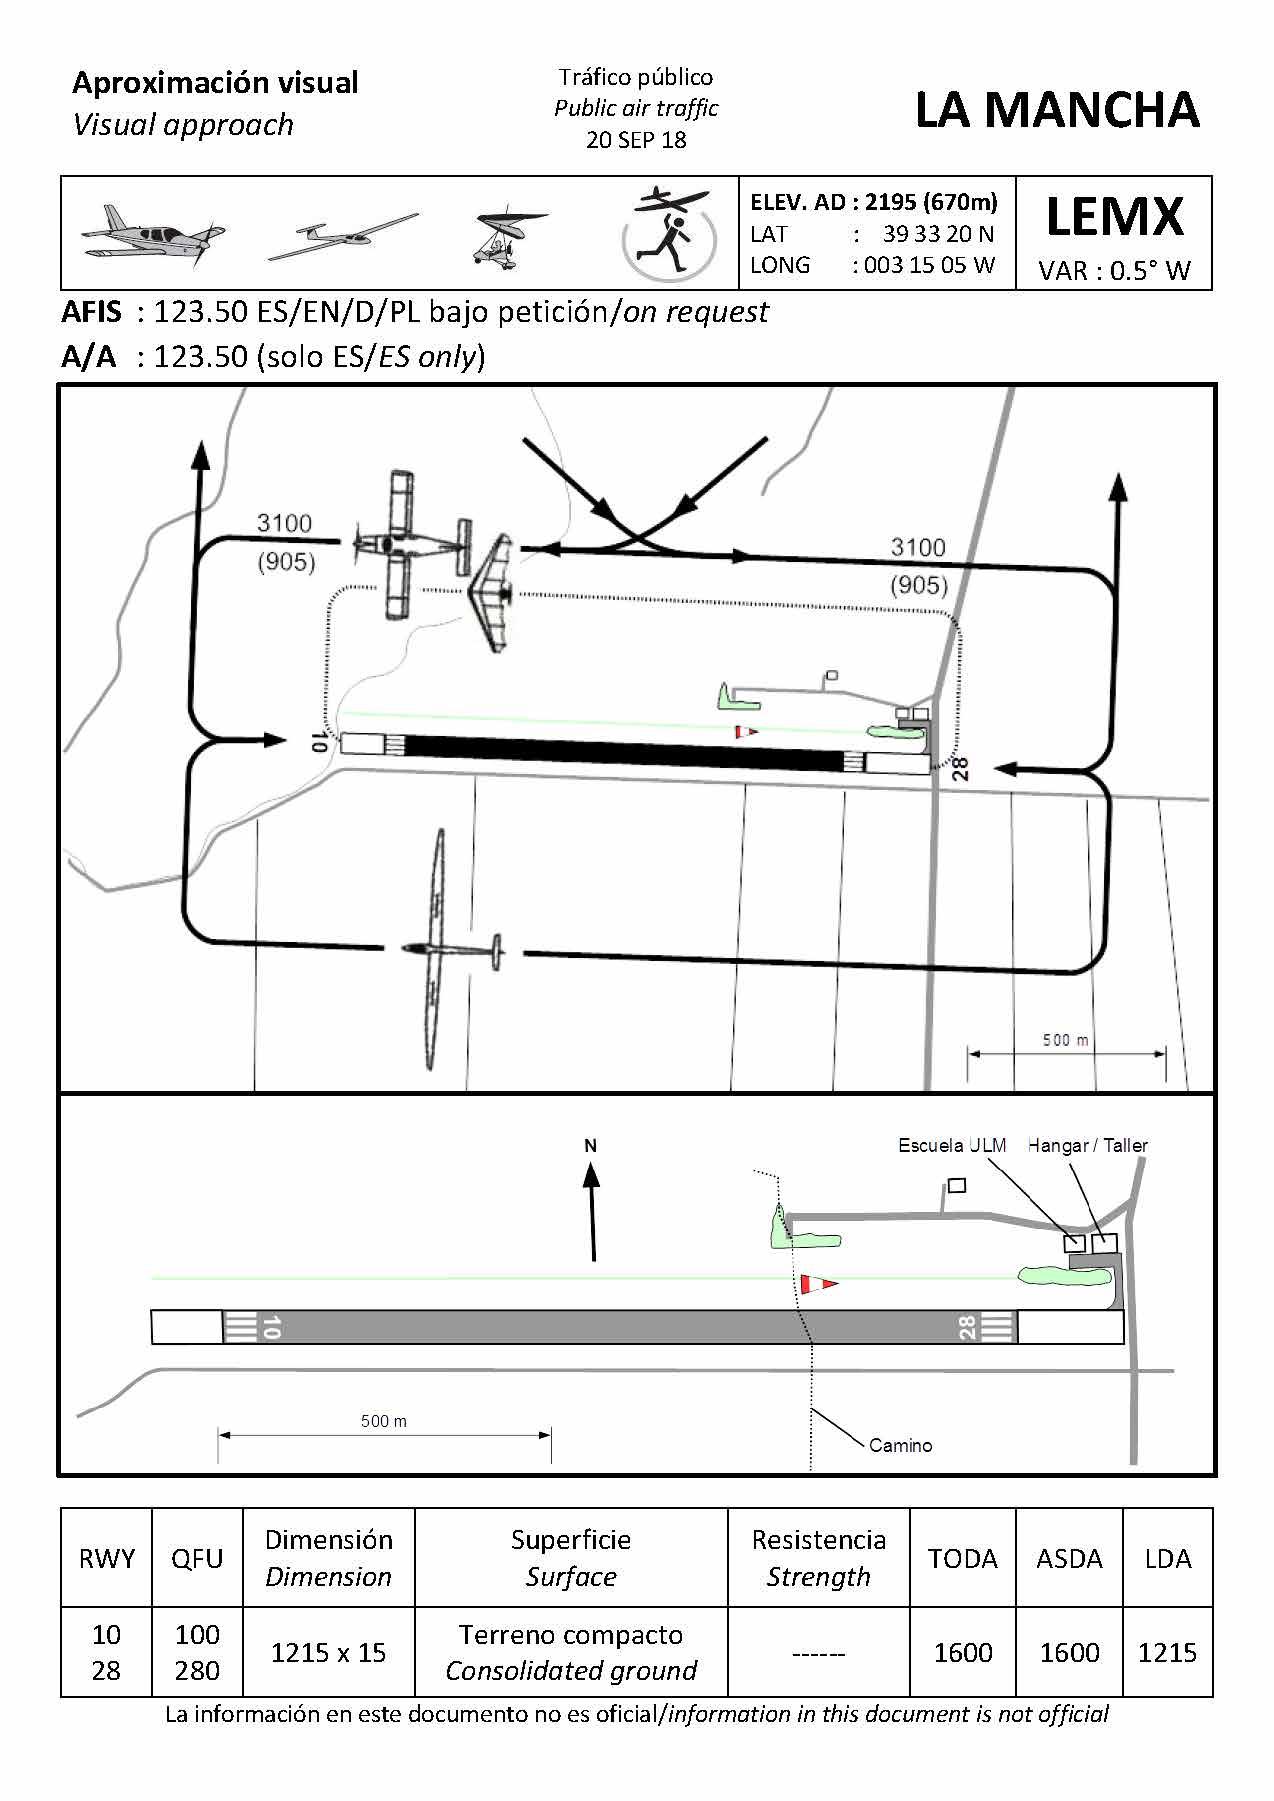 Carta Aproximación VFR LEMX La Mancha